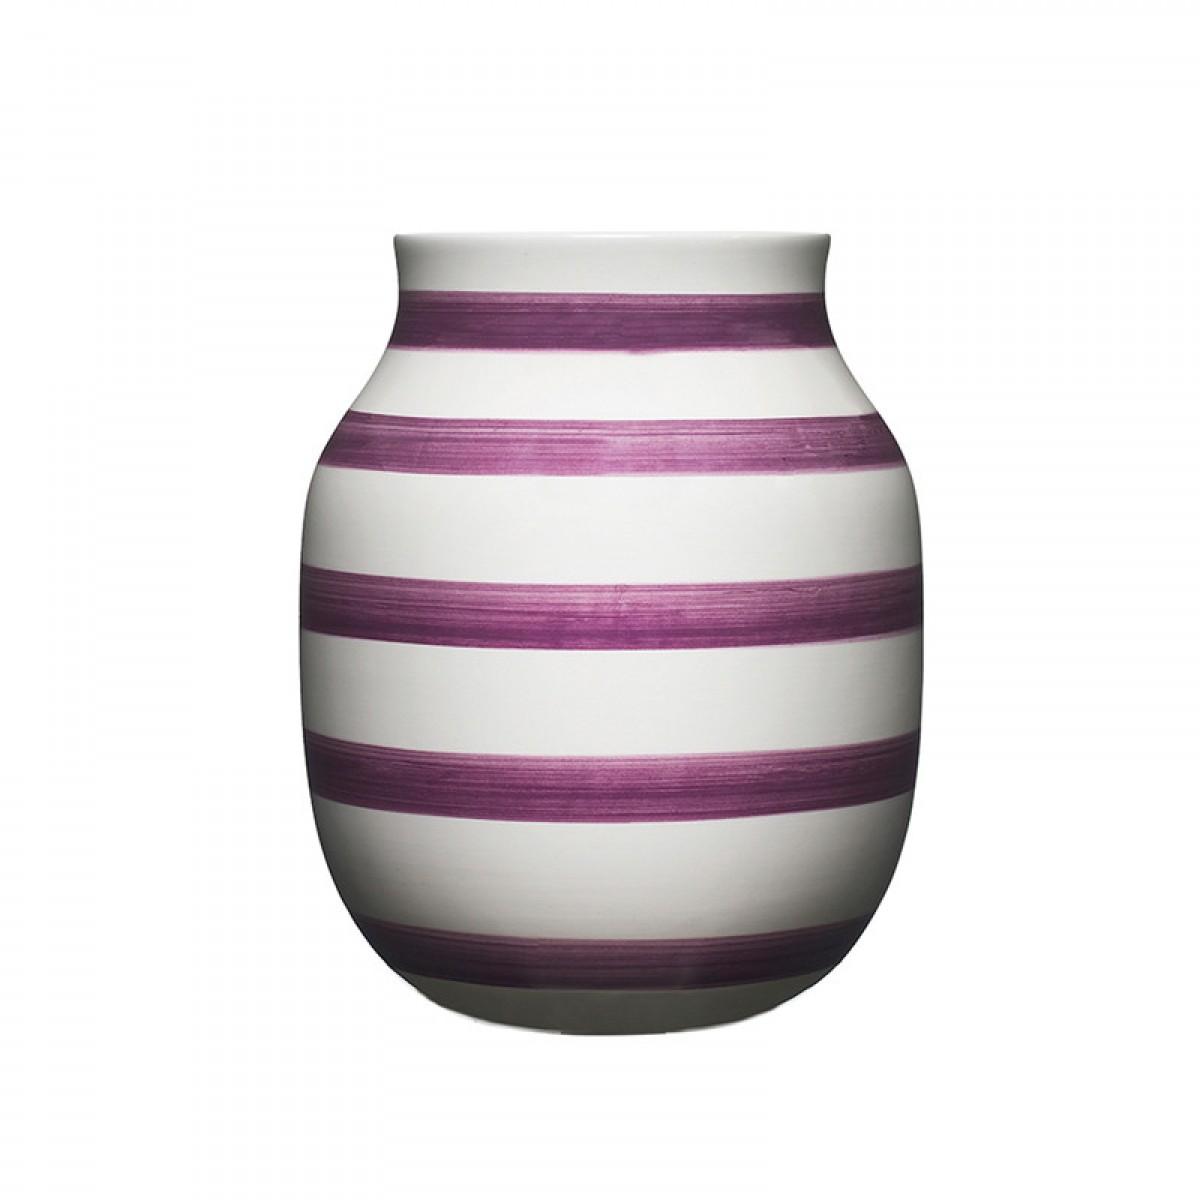 KÄHLER Omaggio Mors dags vase blomme 20 cm